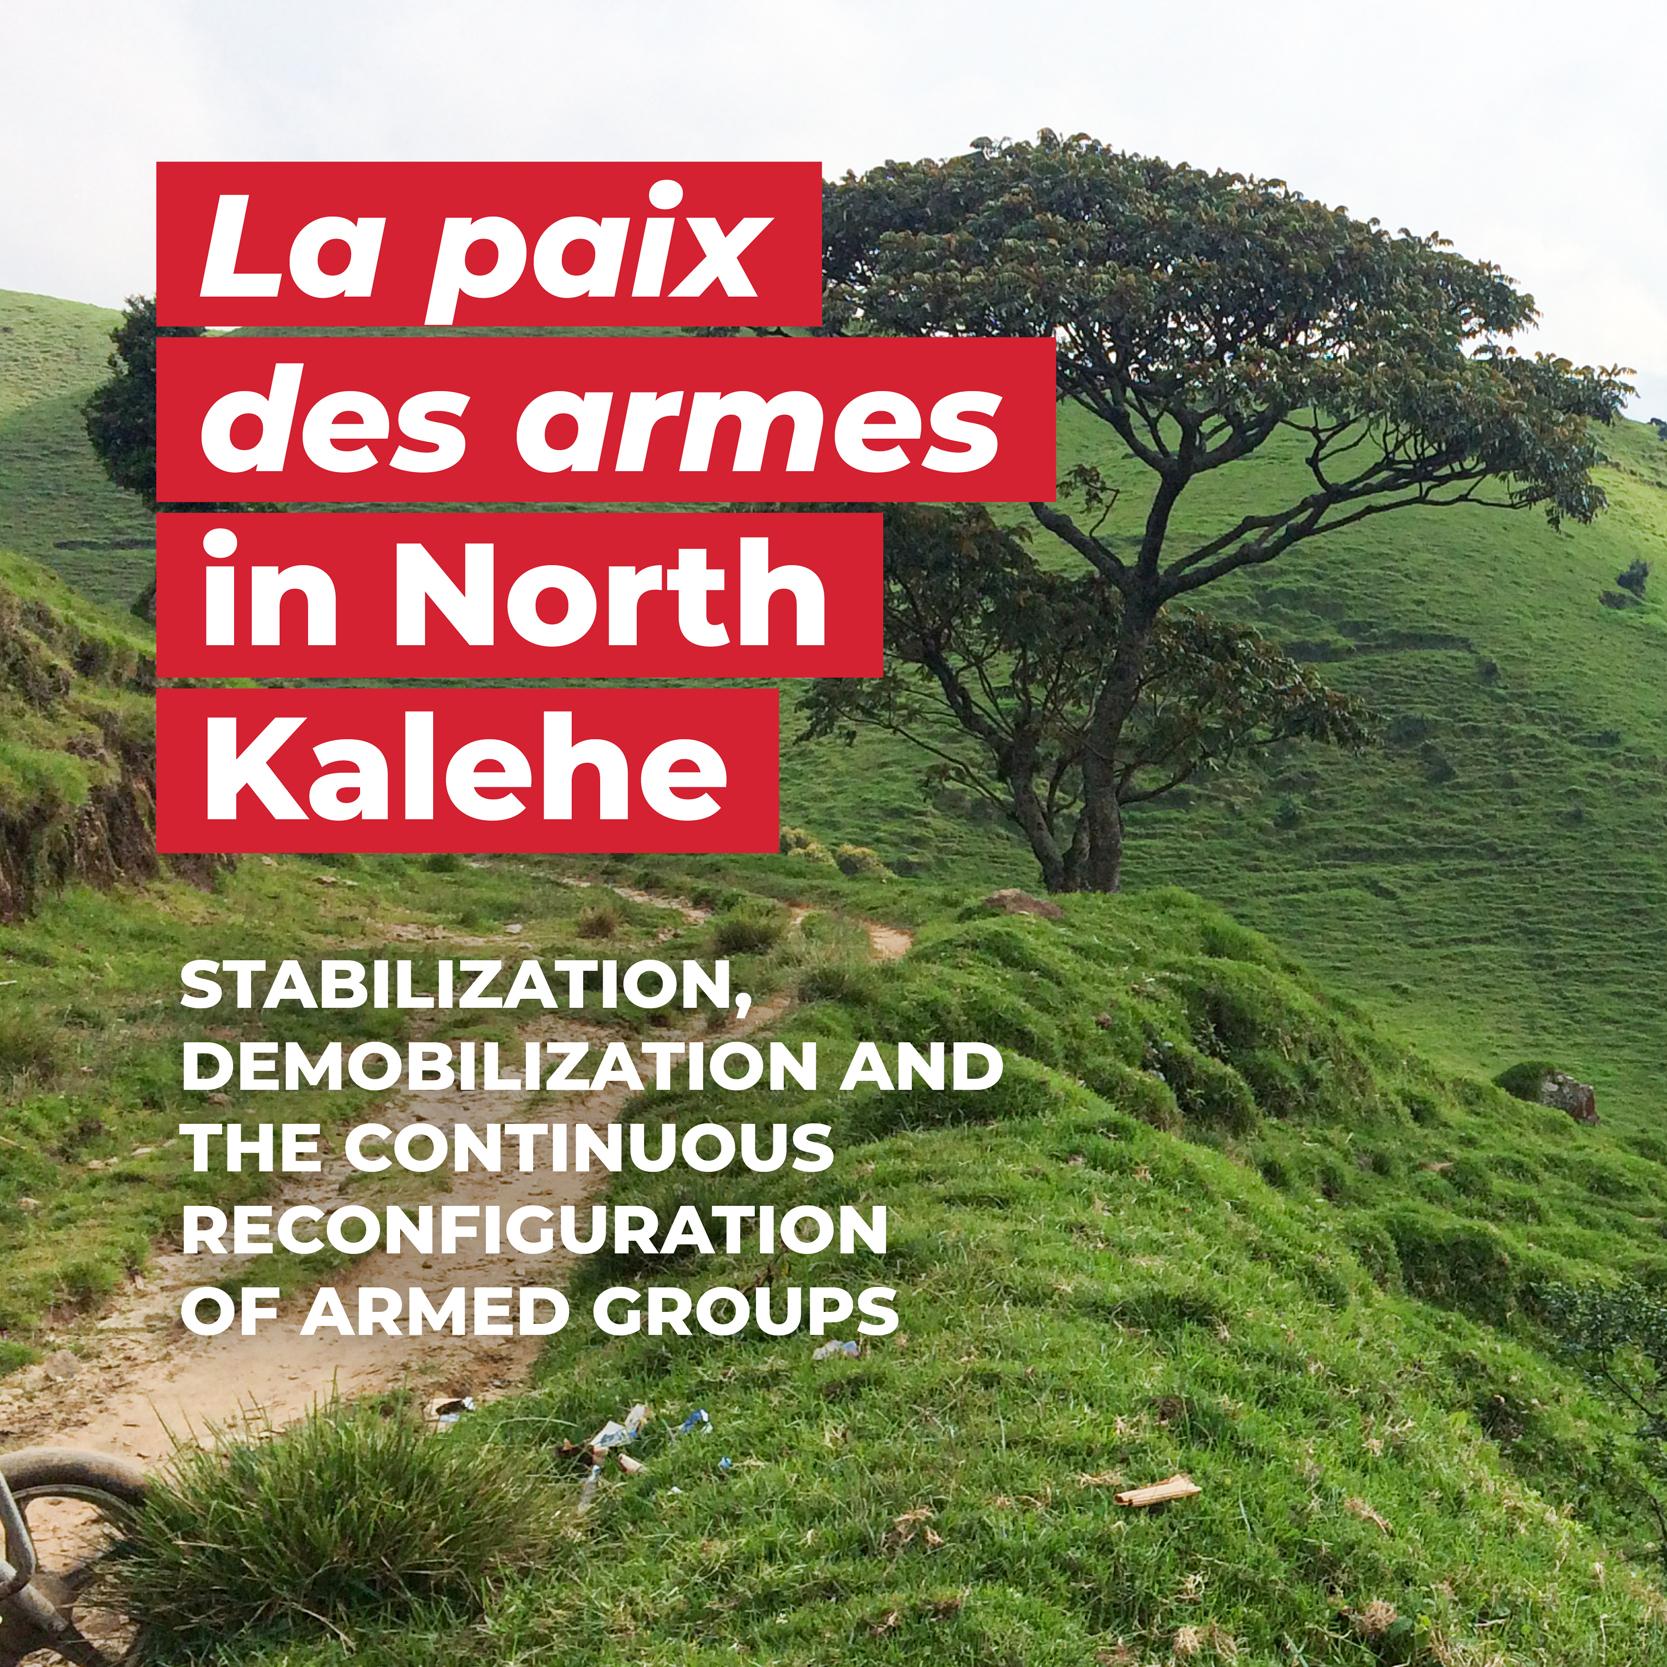 GIC_La paix des armes in North Kalehe_1